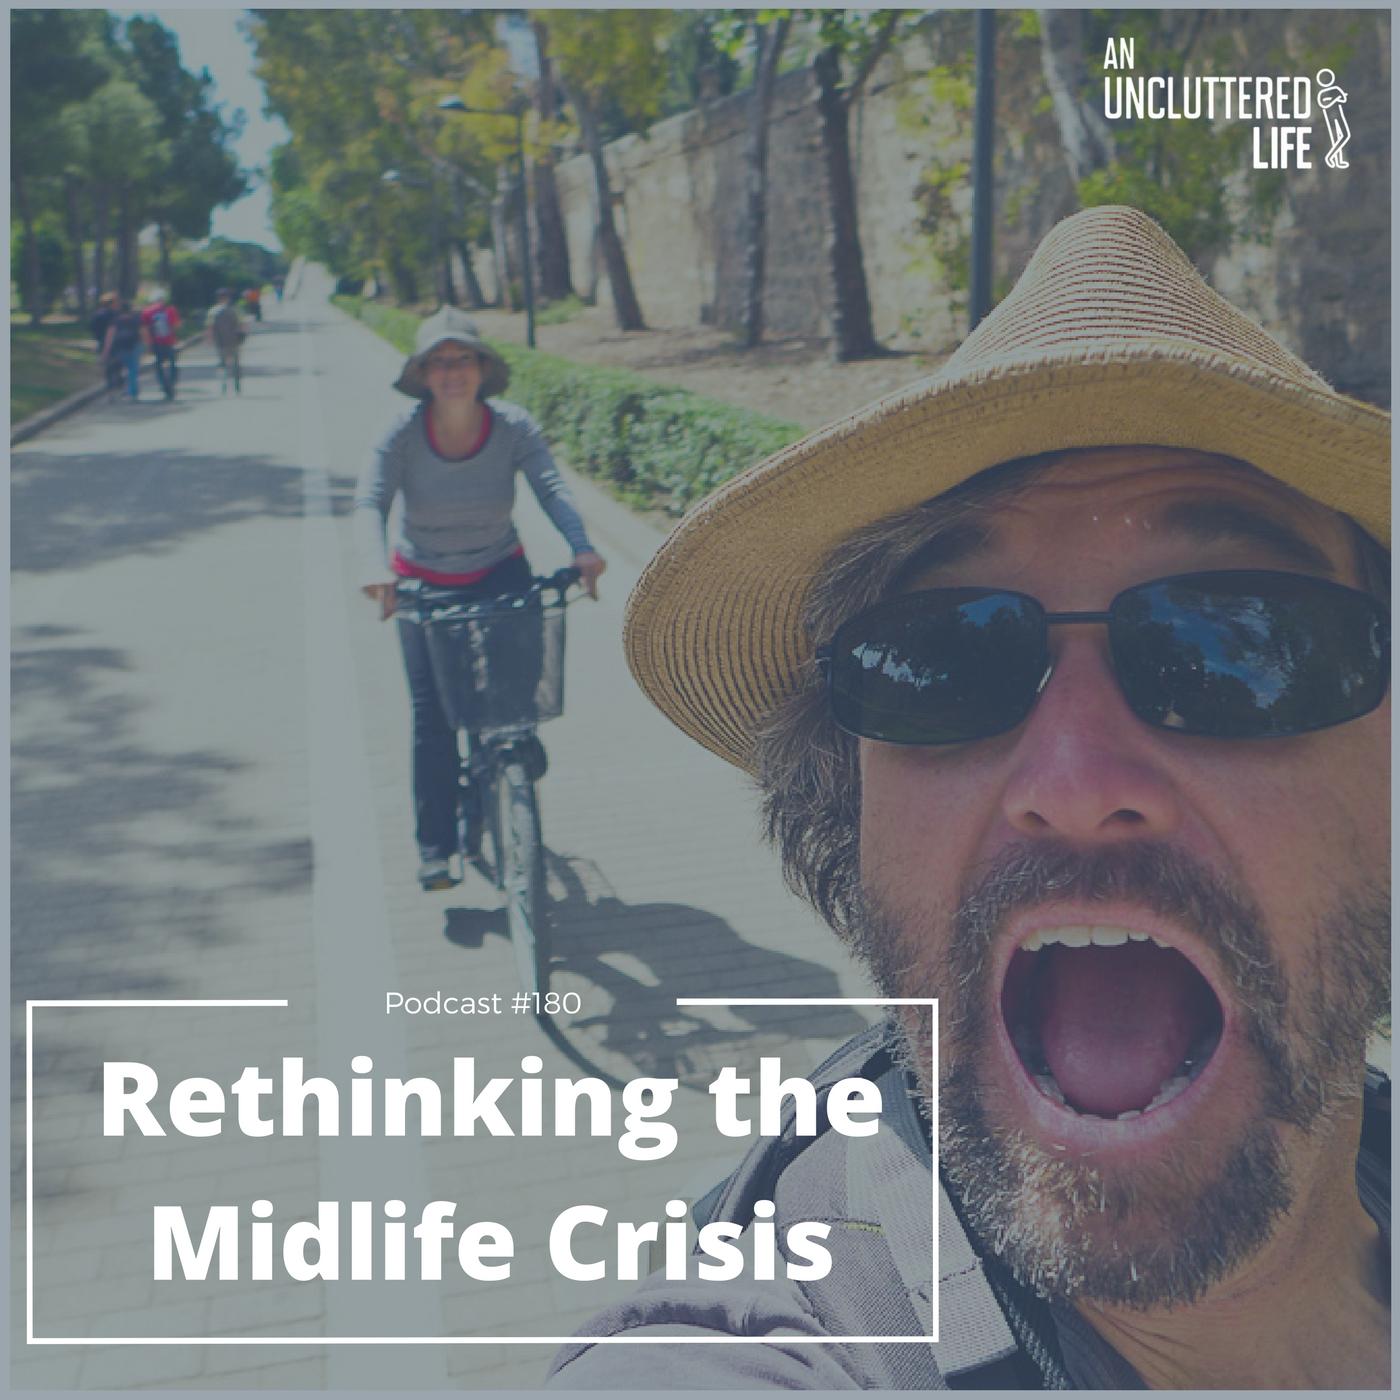 AUL #180 - Rethinking the Midlife Crisis